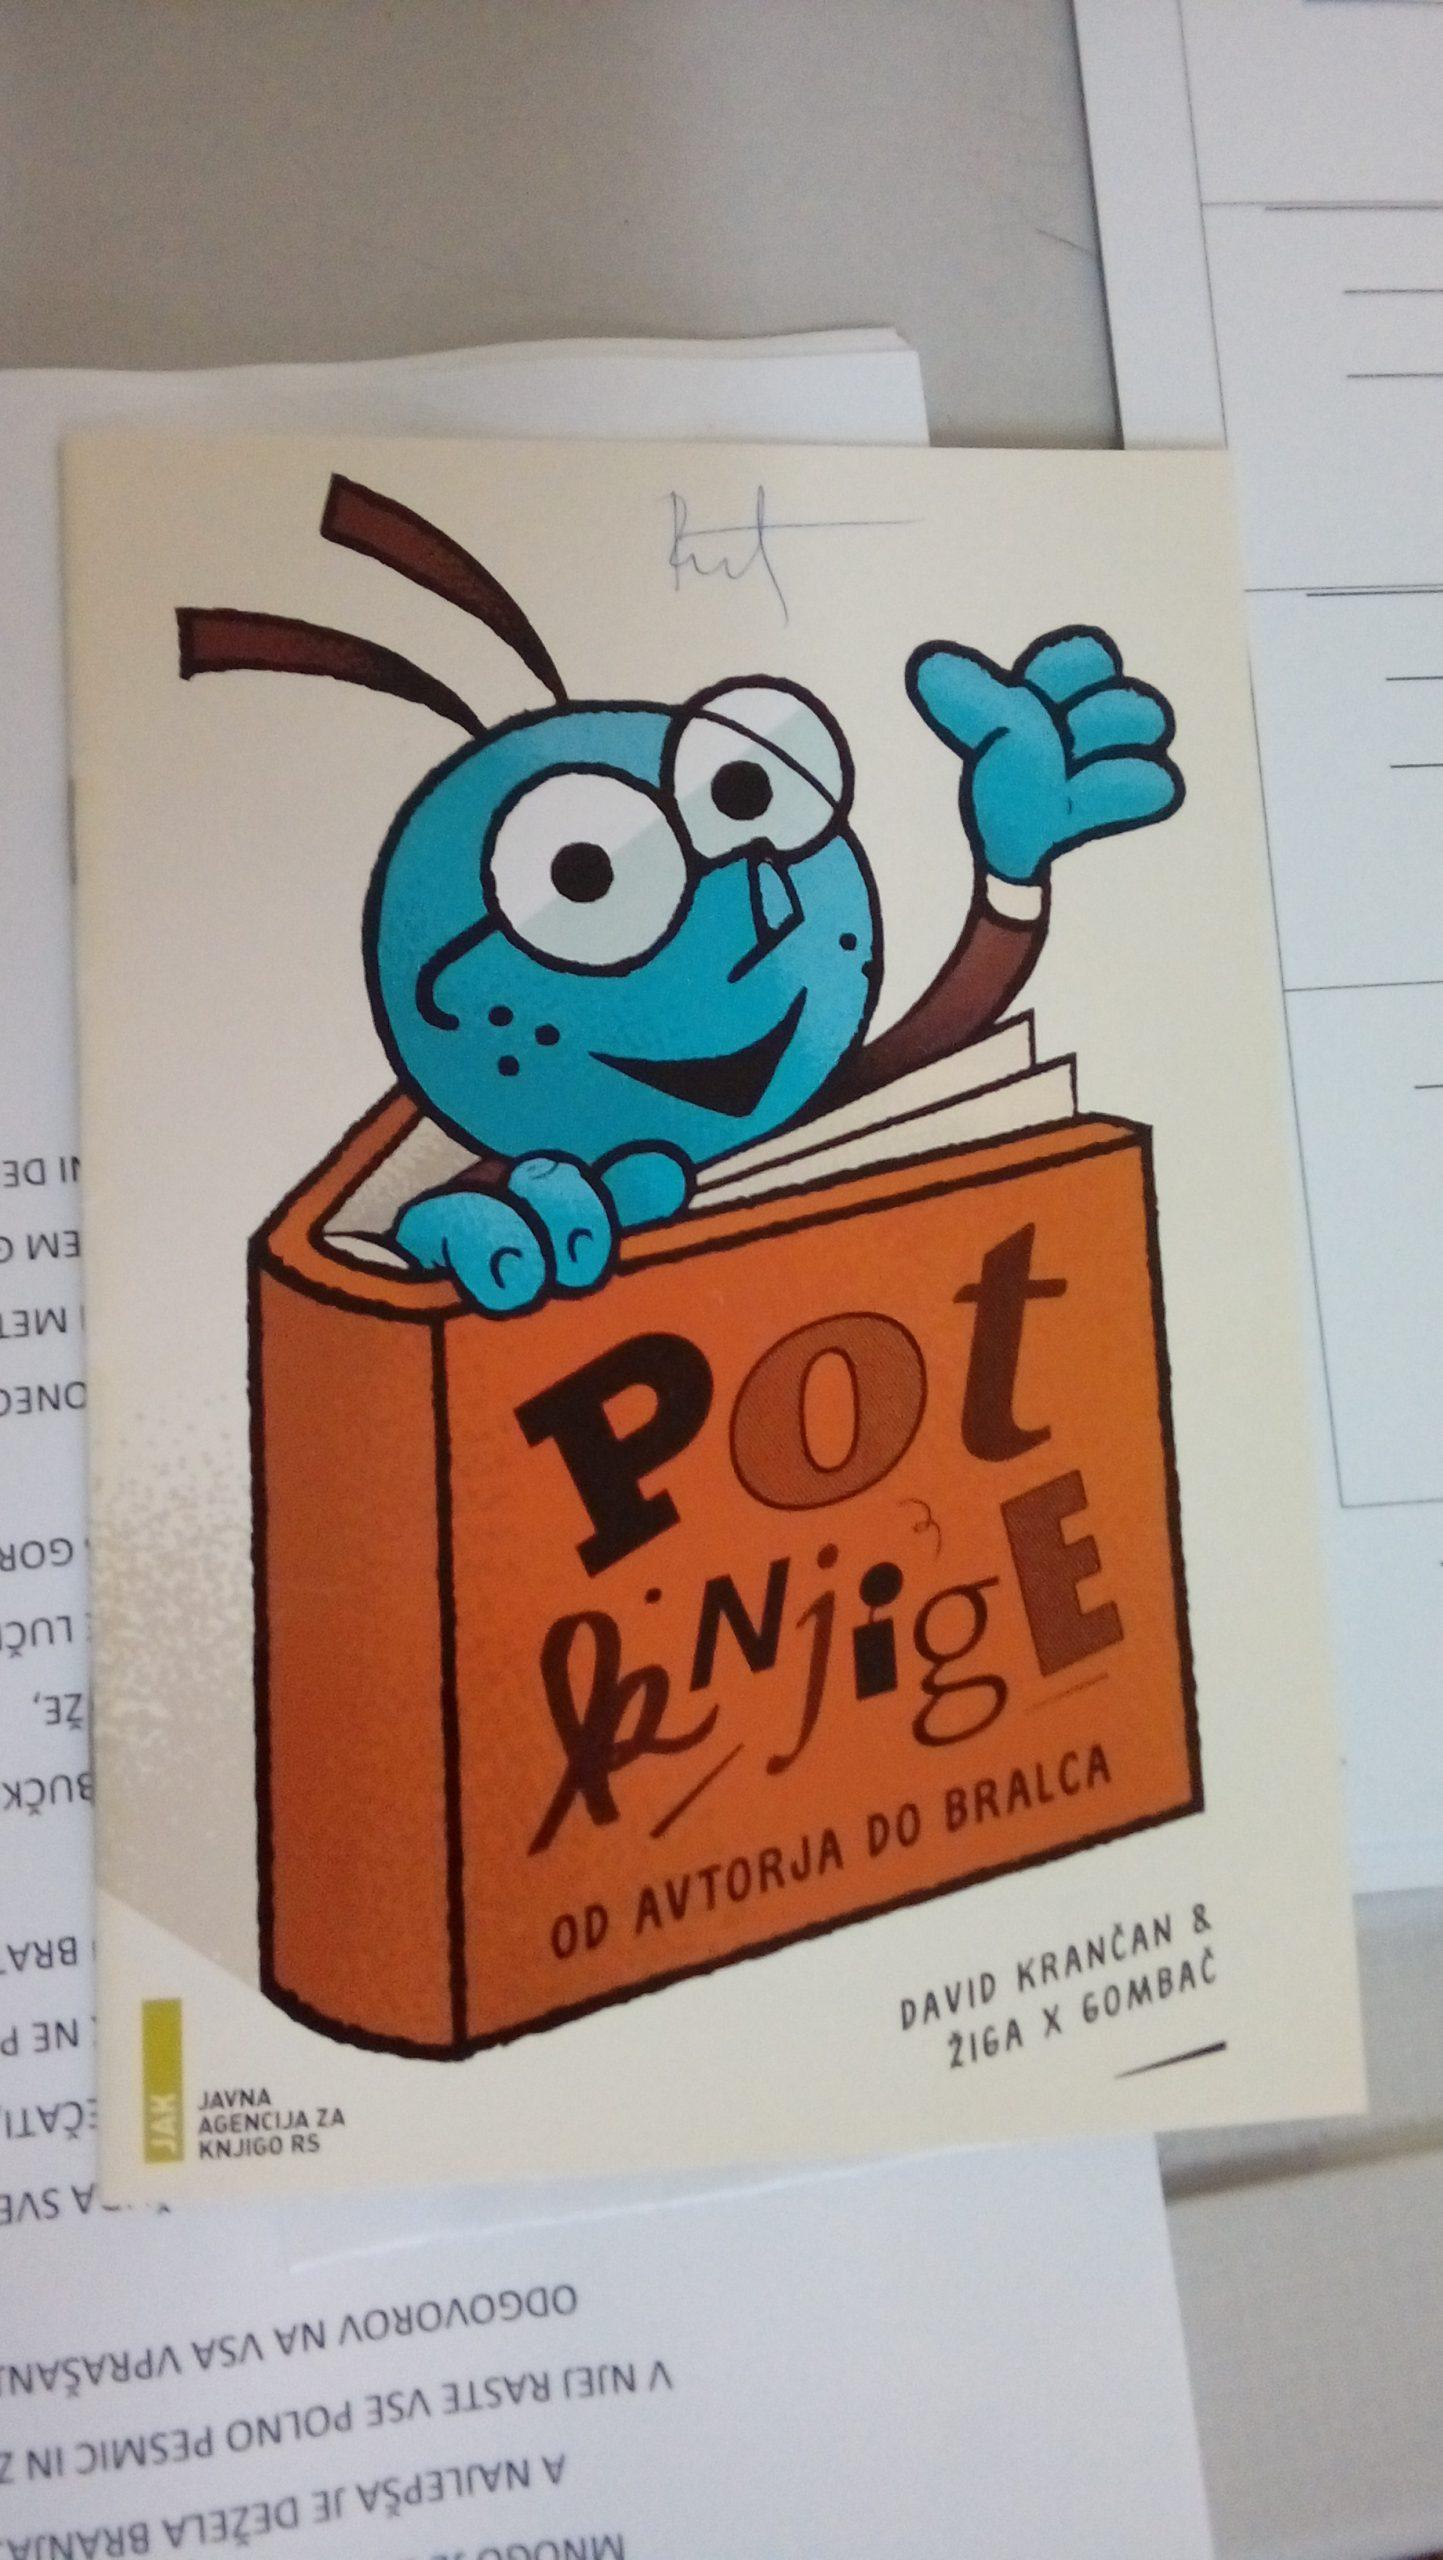 Risba knjige, napis_ Pot knjige od avtorja do bralca.